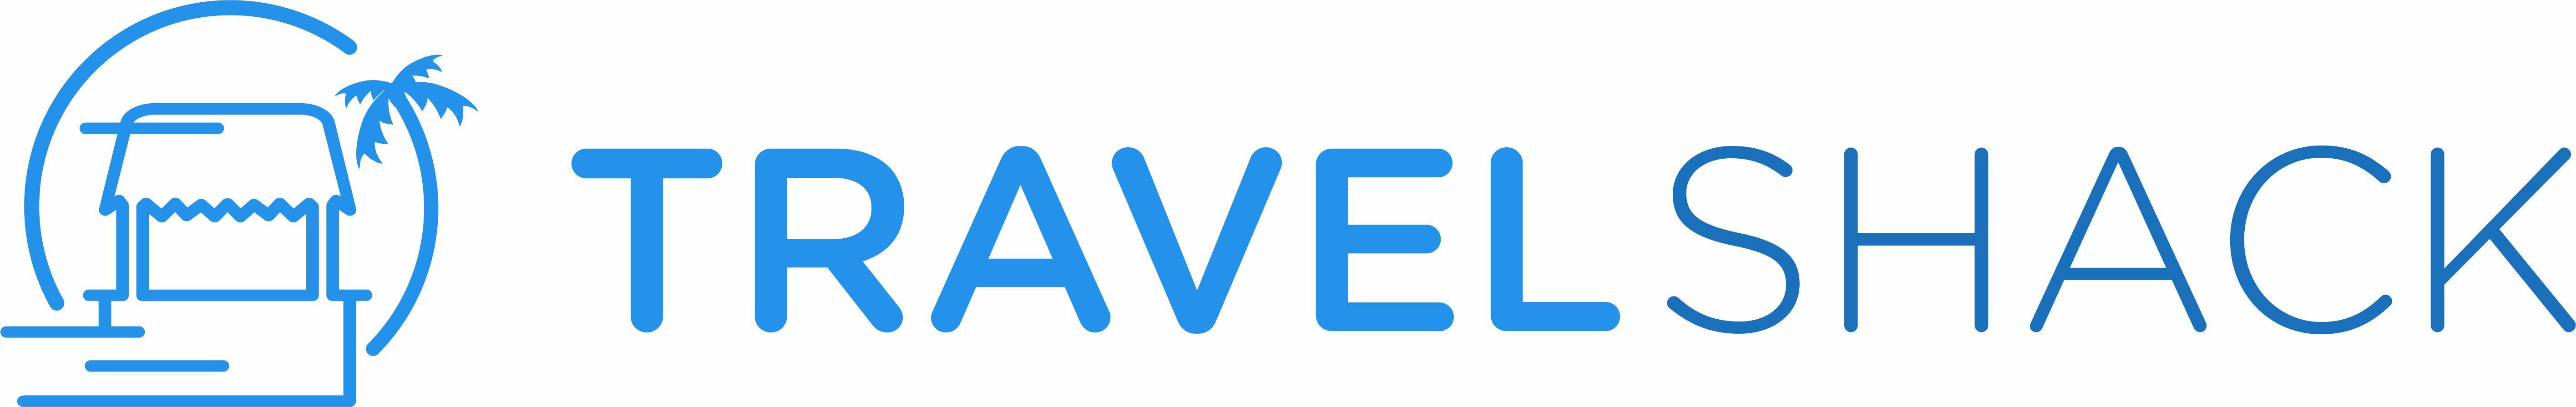 TravelShack logo